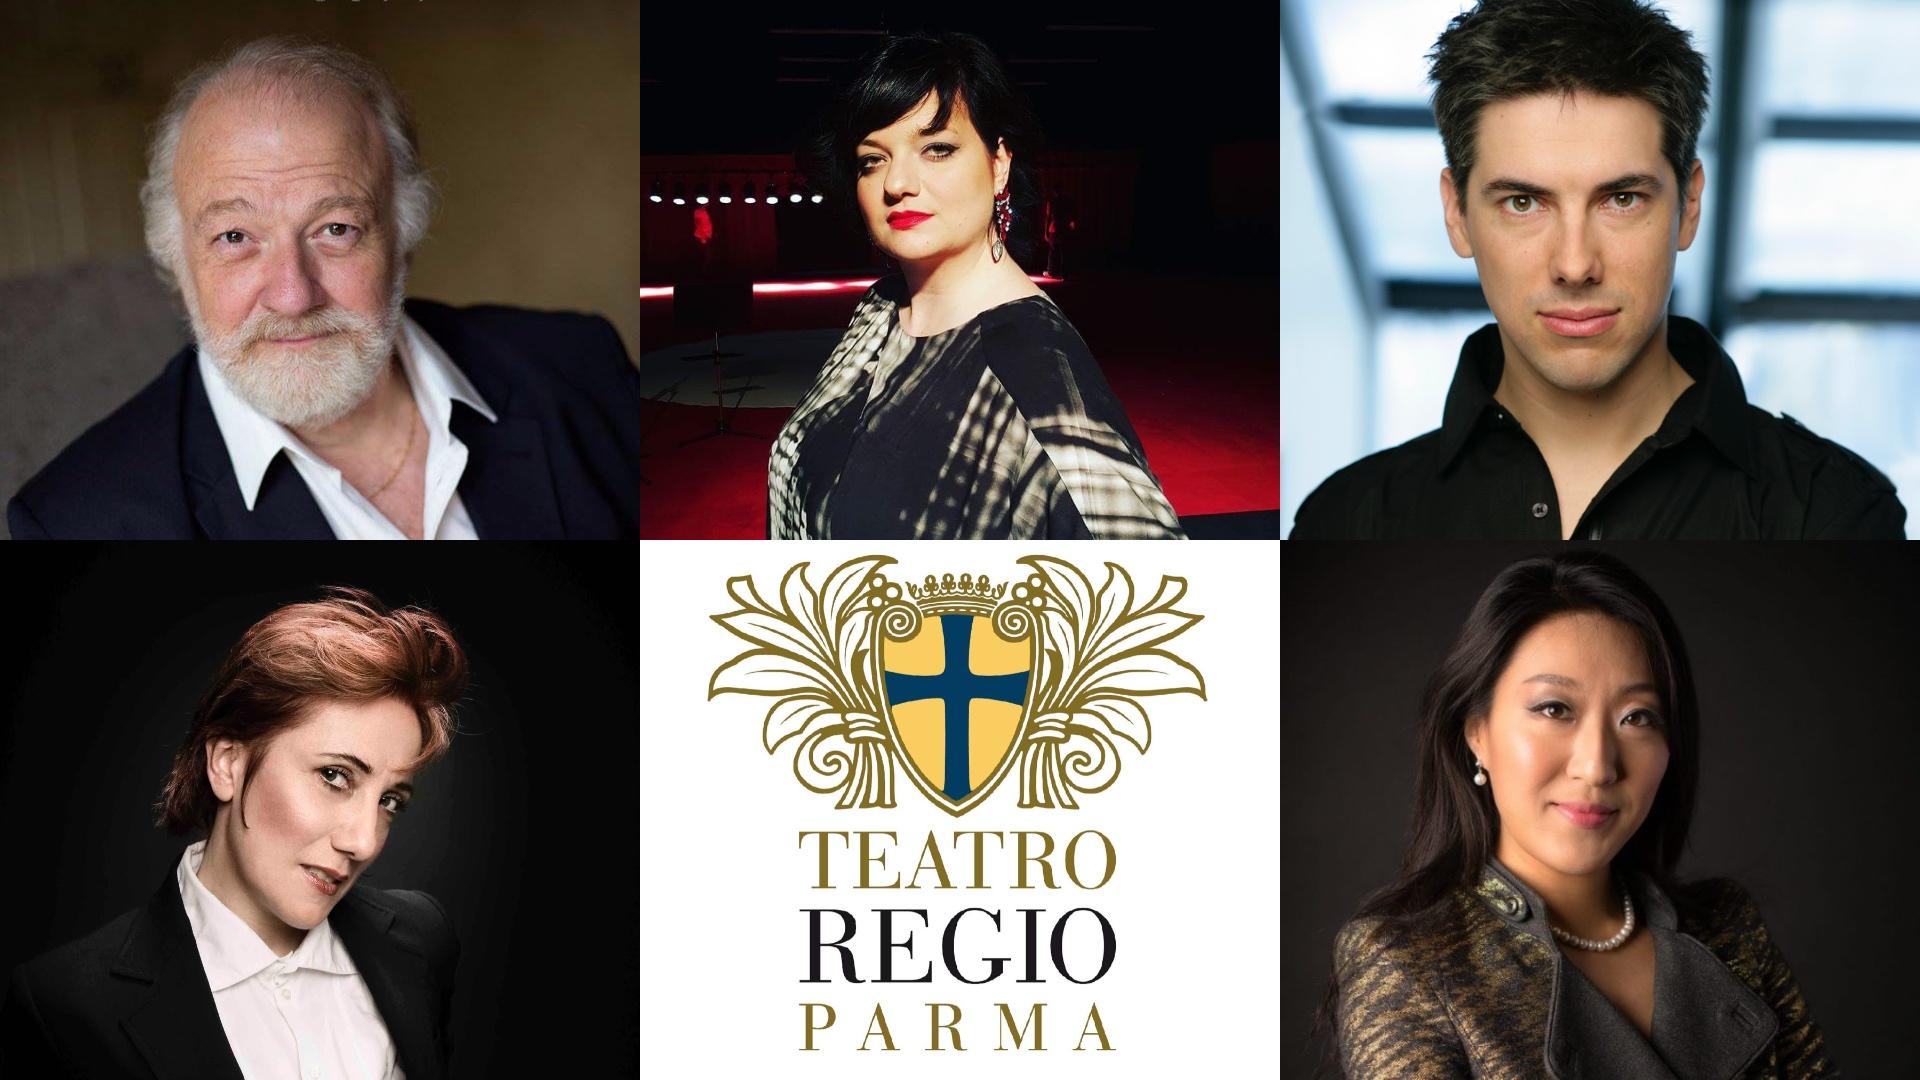 Teatro Regio Parma 2020